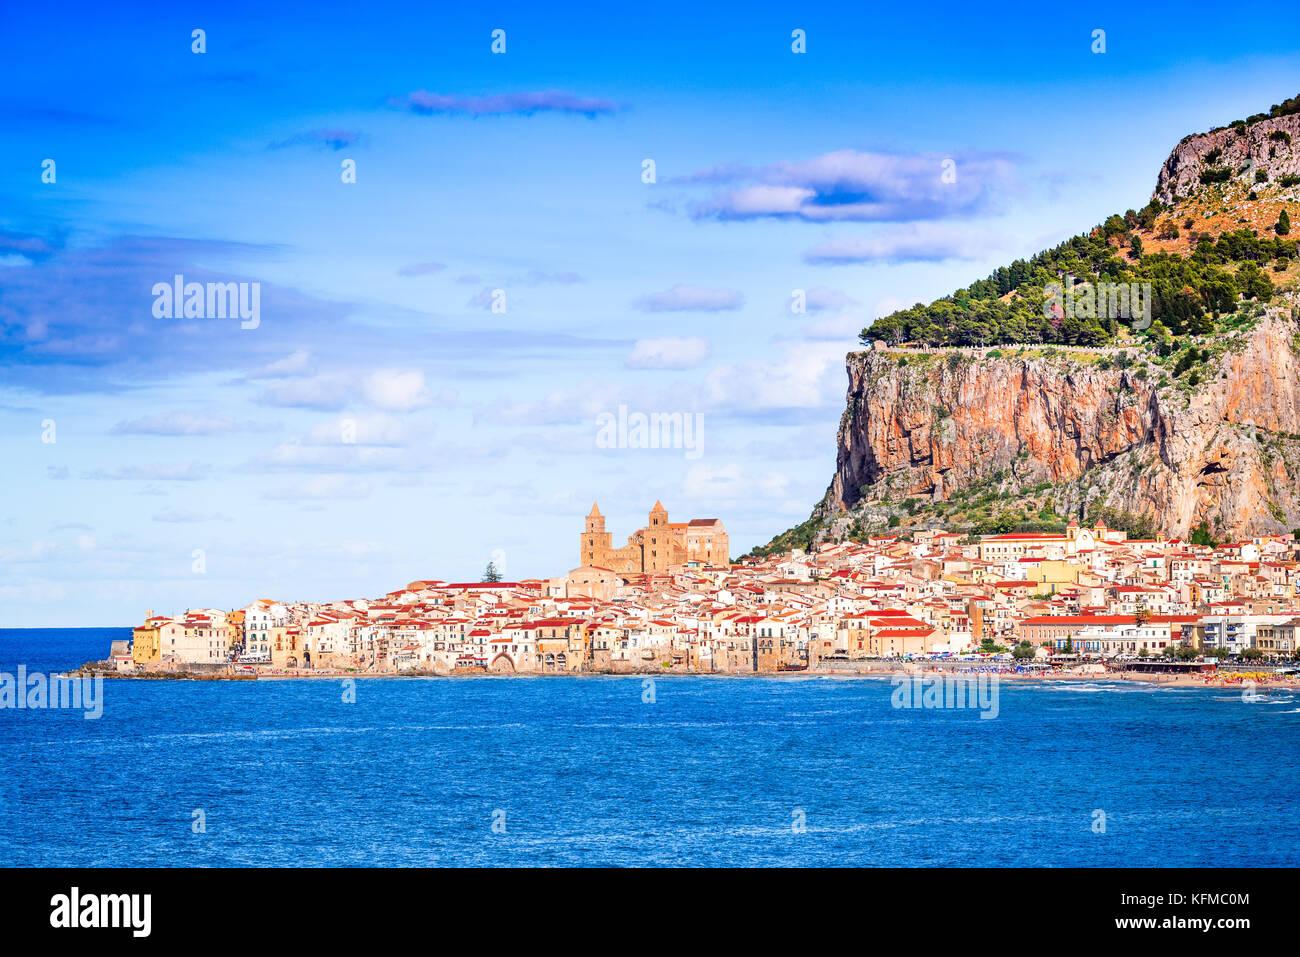 Cefalu, Sicile. Mer Ligurienne et médiévale de la ville de Sicile Cefalu. Province de Palerme, Italie. Banque D'Images